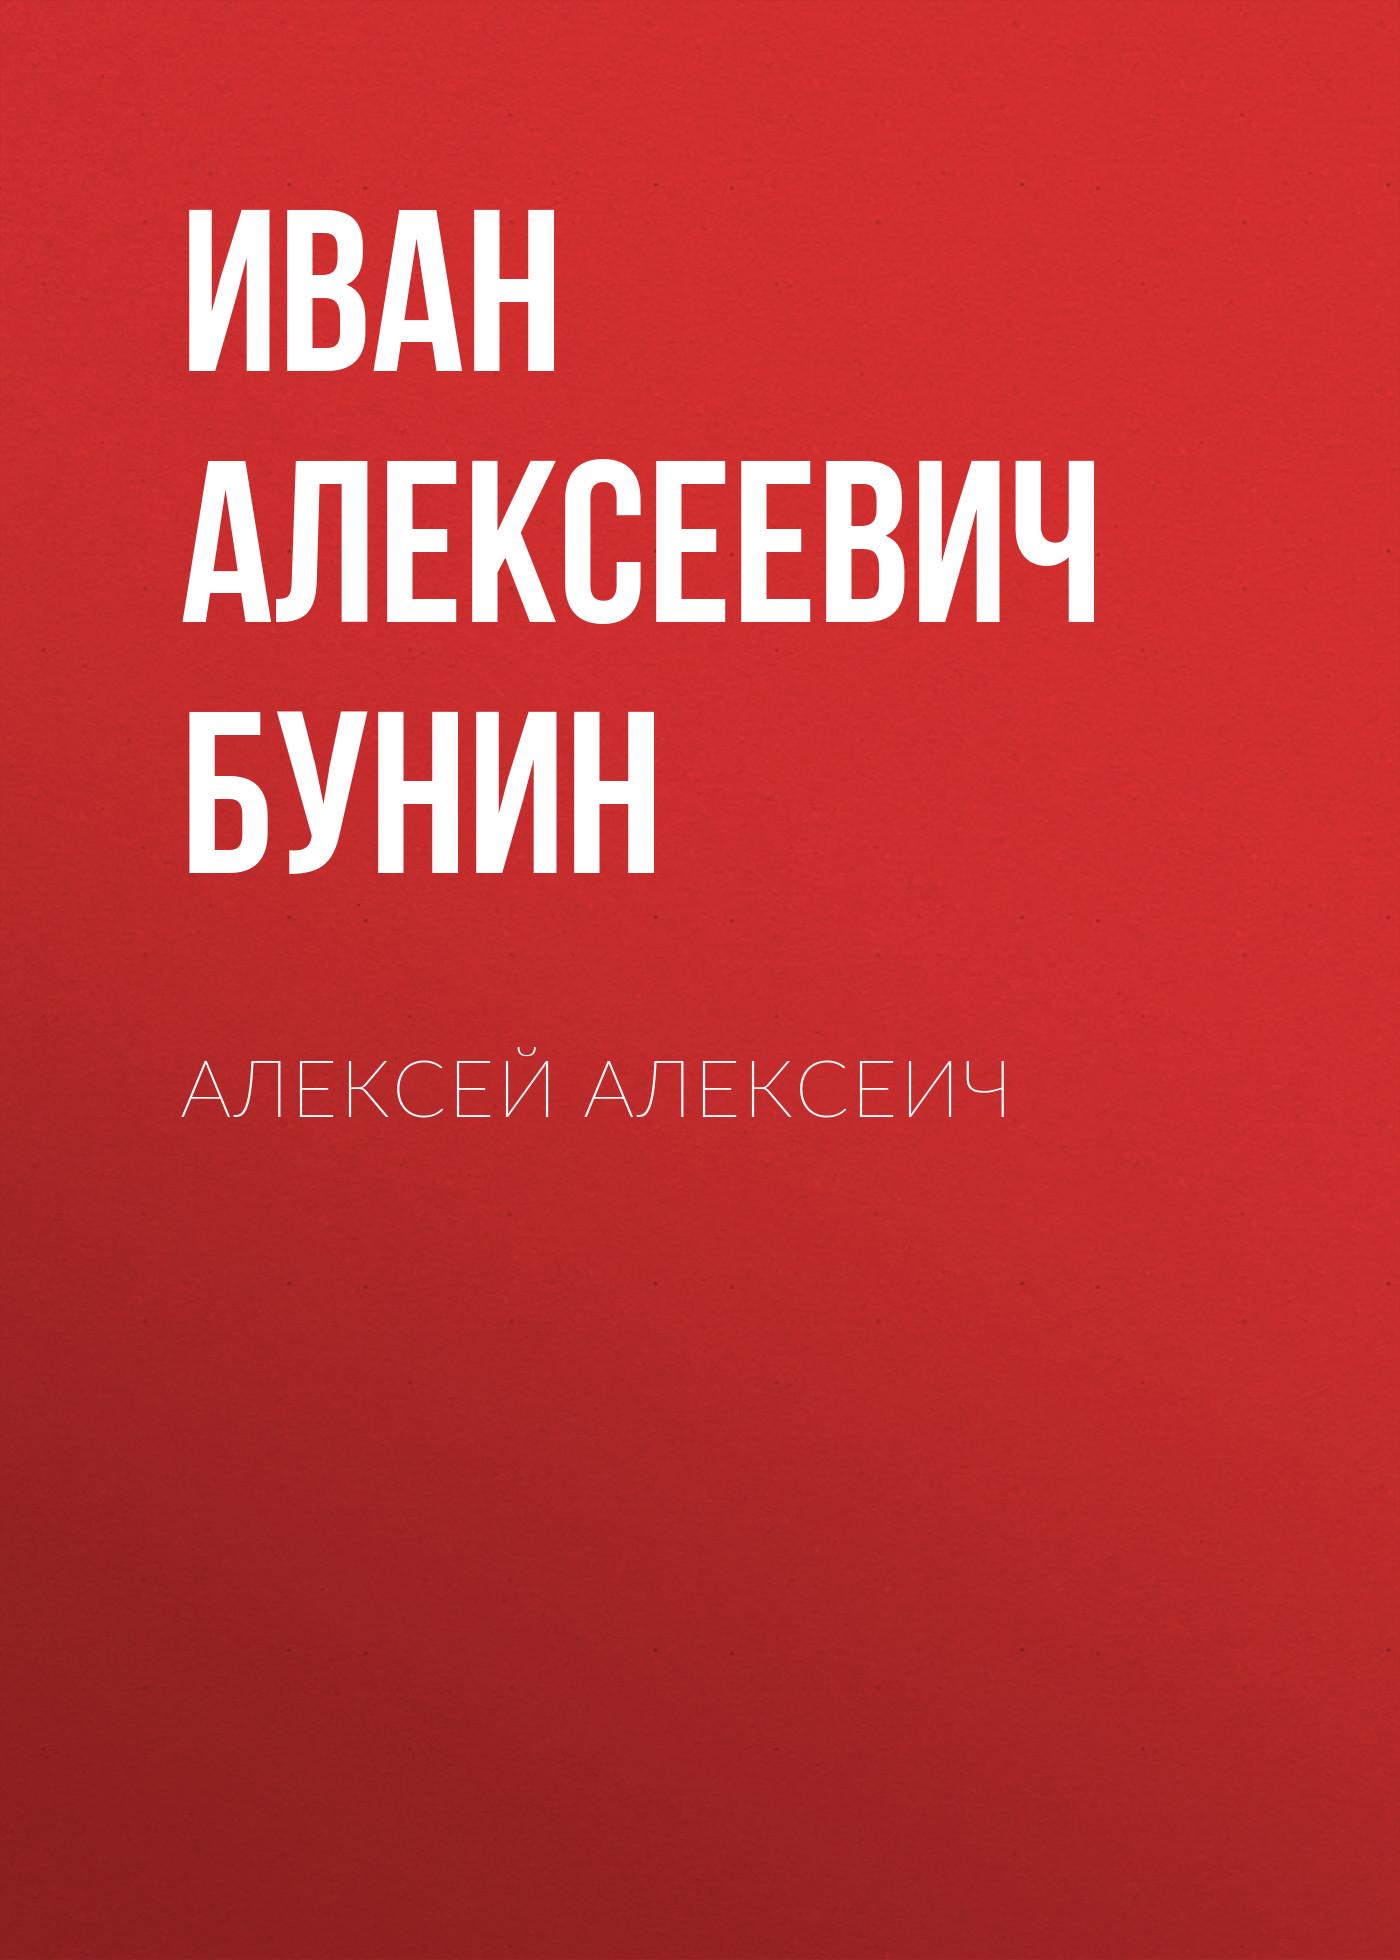 aleksey alekseich